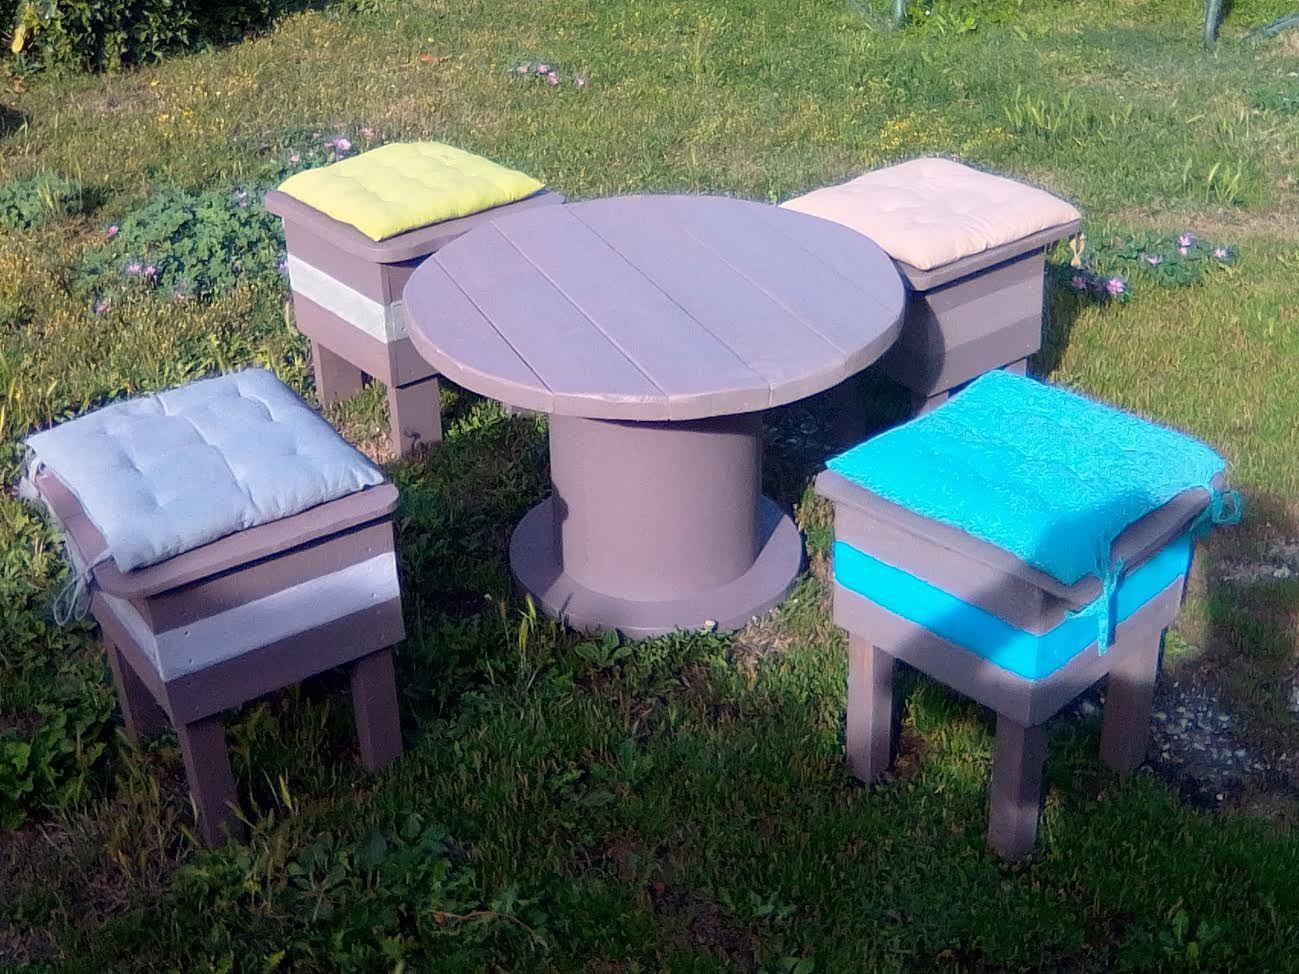 Salon de jardin composé de quatre tabourets réalisé en bois recyclé ...